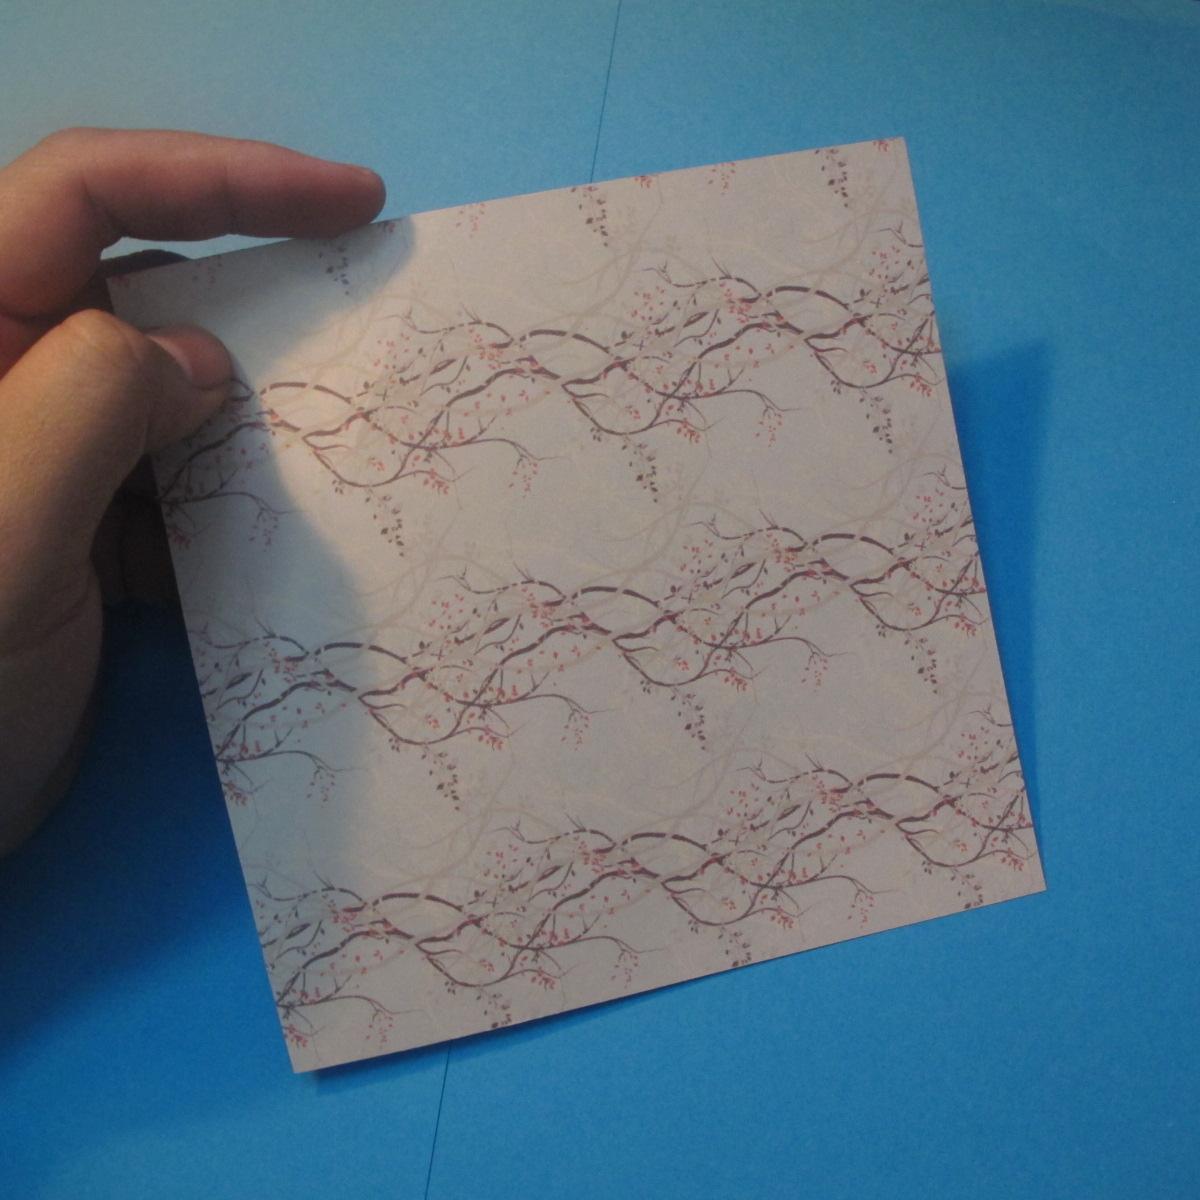 วิธีการพับกระดาษเป็นดาวสี่แฉก 001